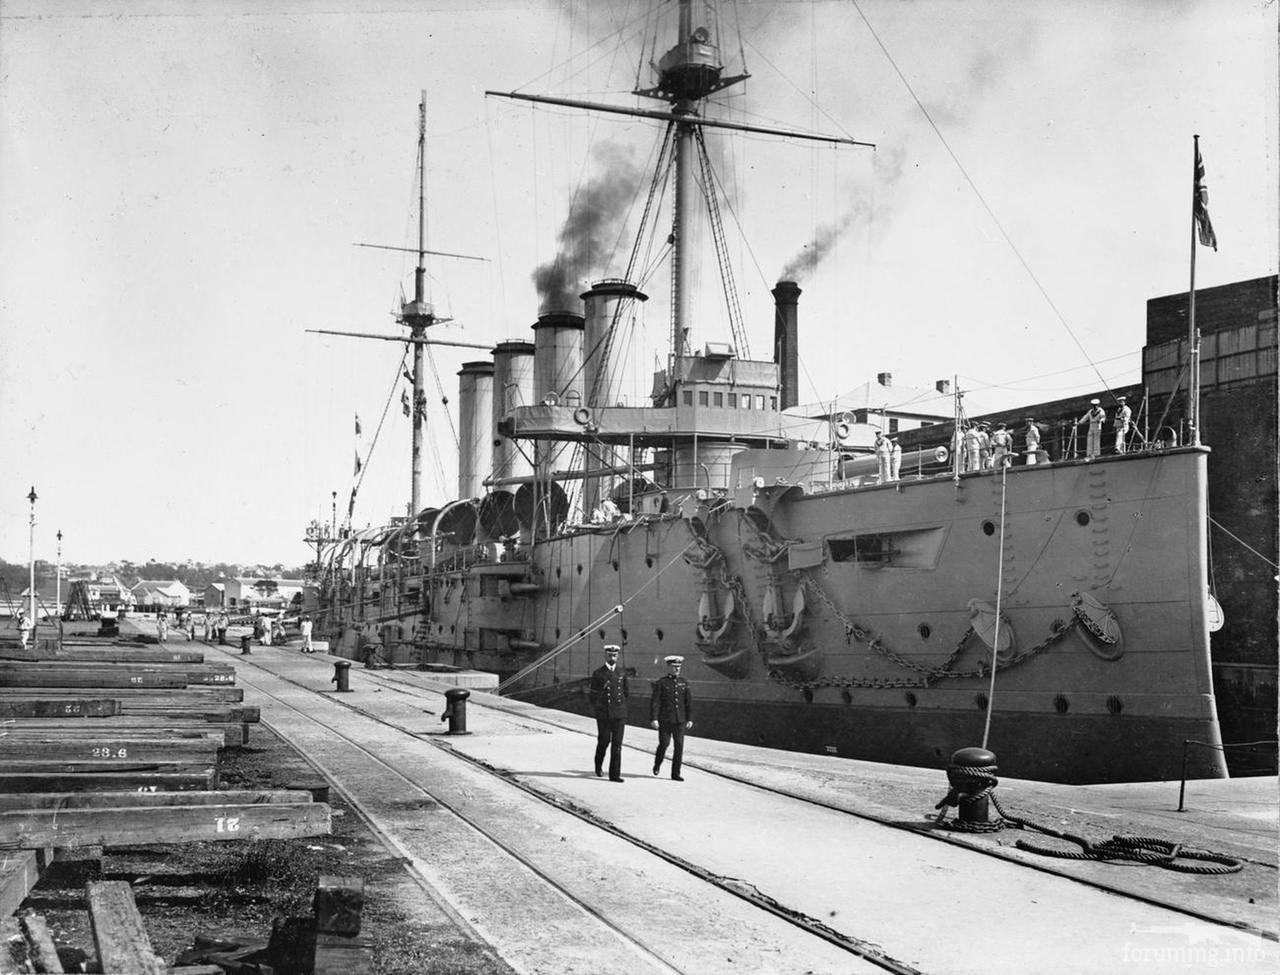 138057 - Броненосный крейсер HMS Euryalus в сухом доке острова Какаду, Сидней, 17.08.1905 г.